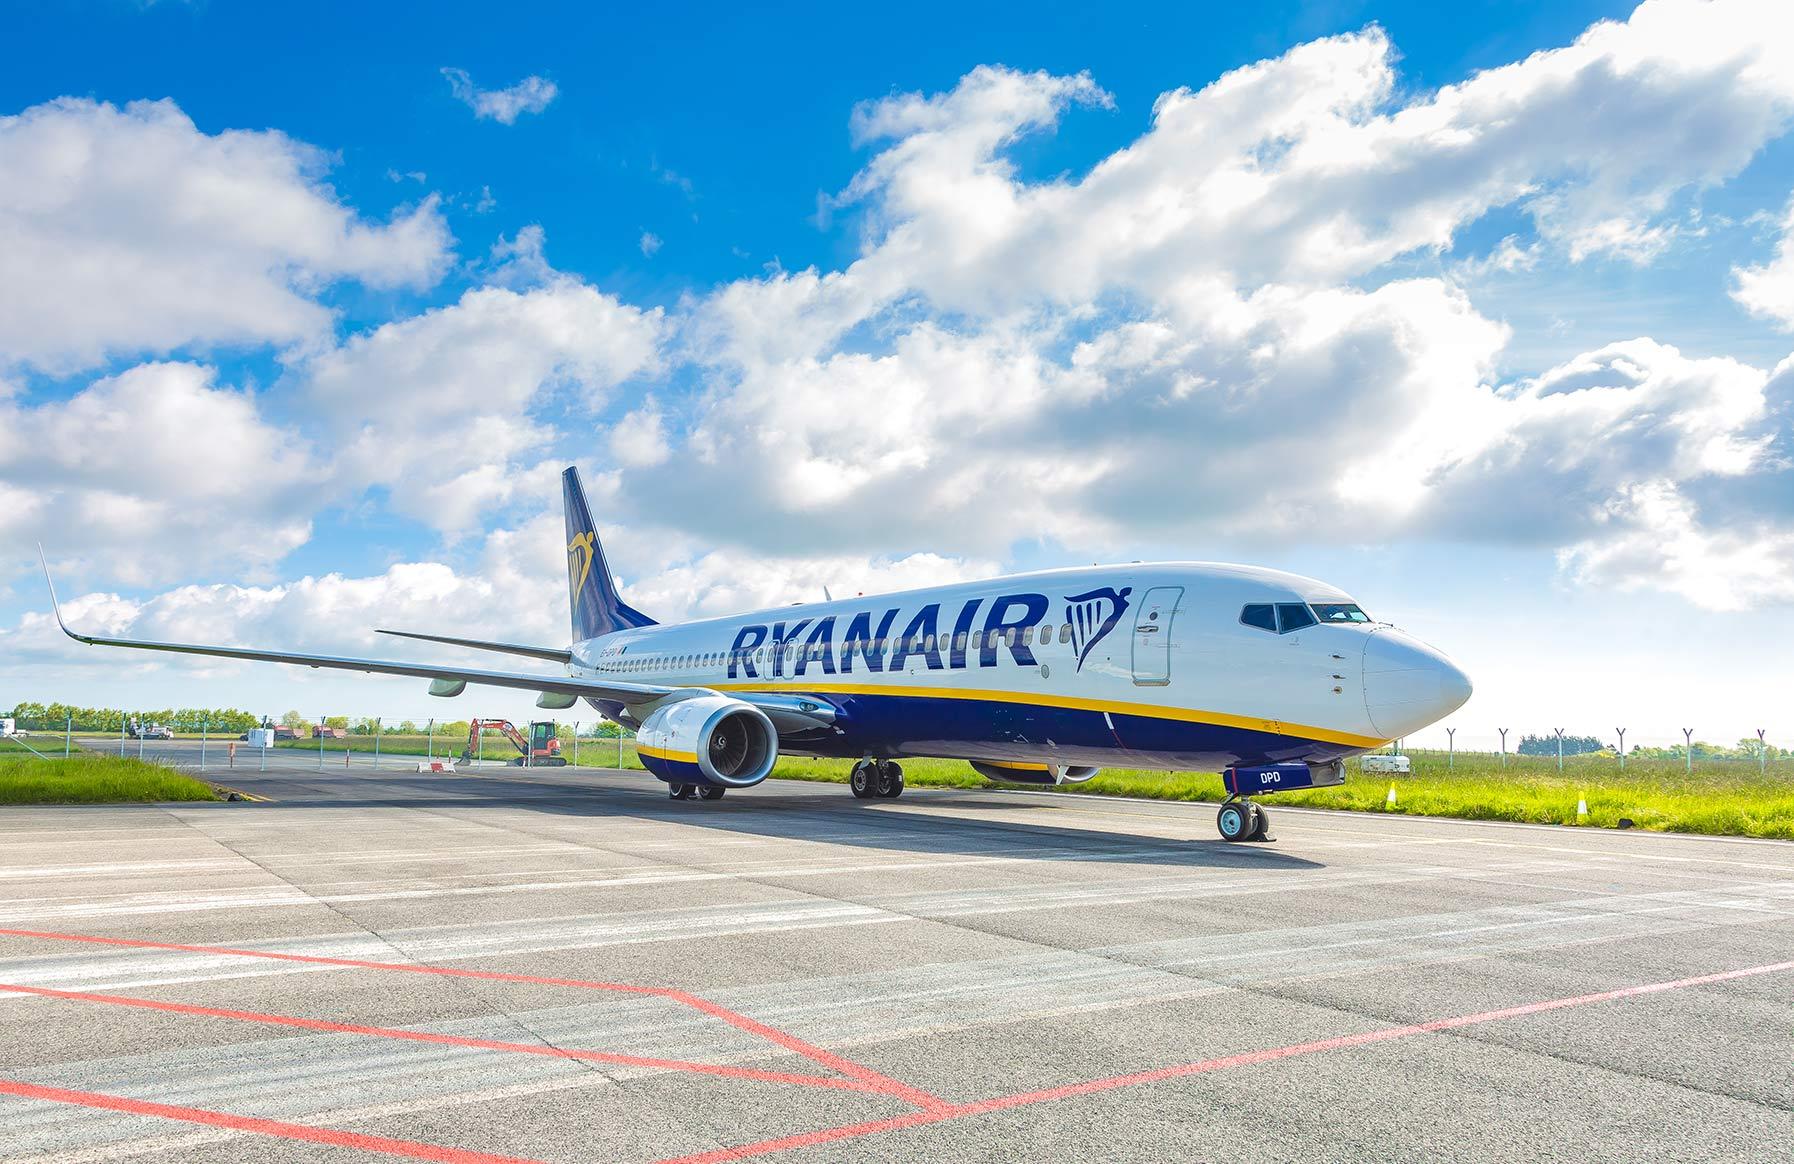 Boeing 737-800 fra Ryanair. (Foto: Ryanair/PR)